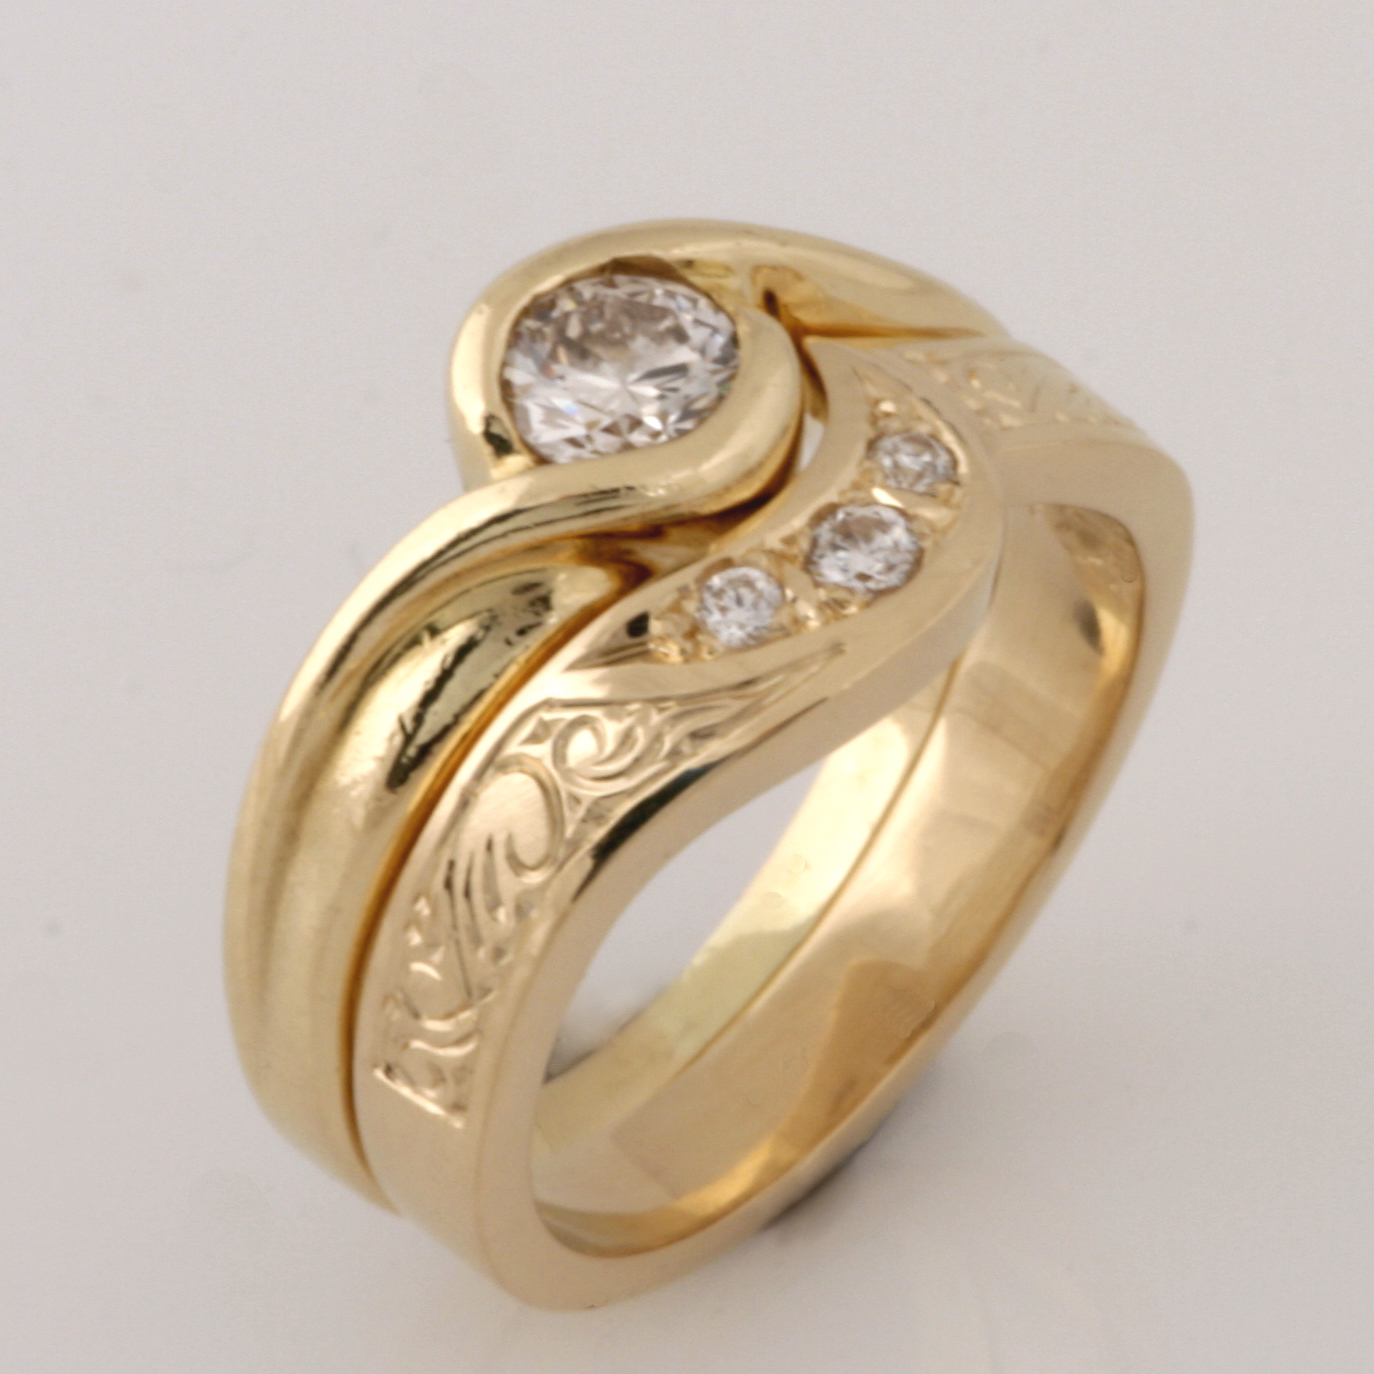 Handmade ladies 18ct yellow gold diamond eternity ring